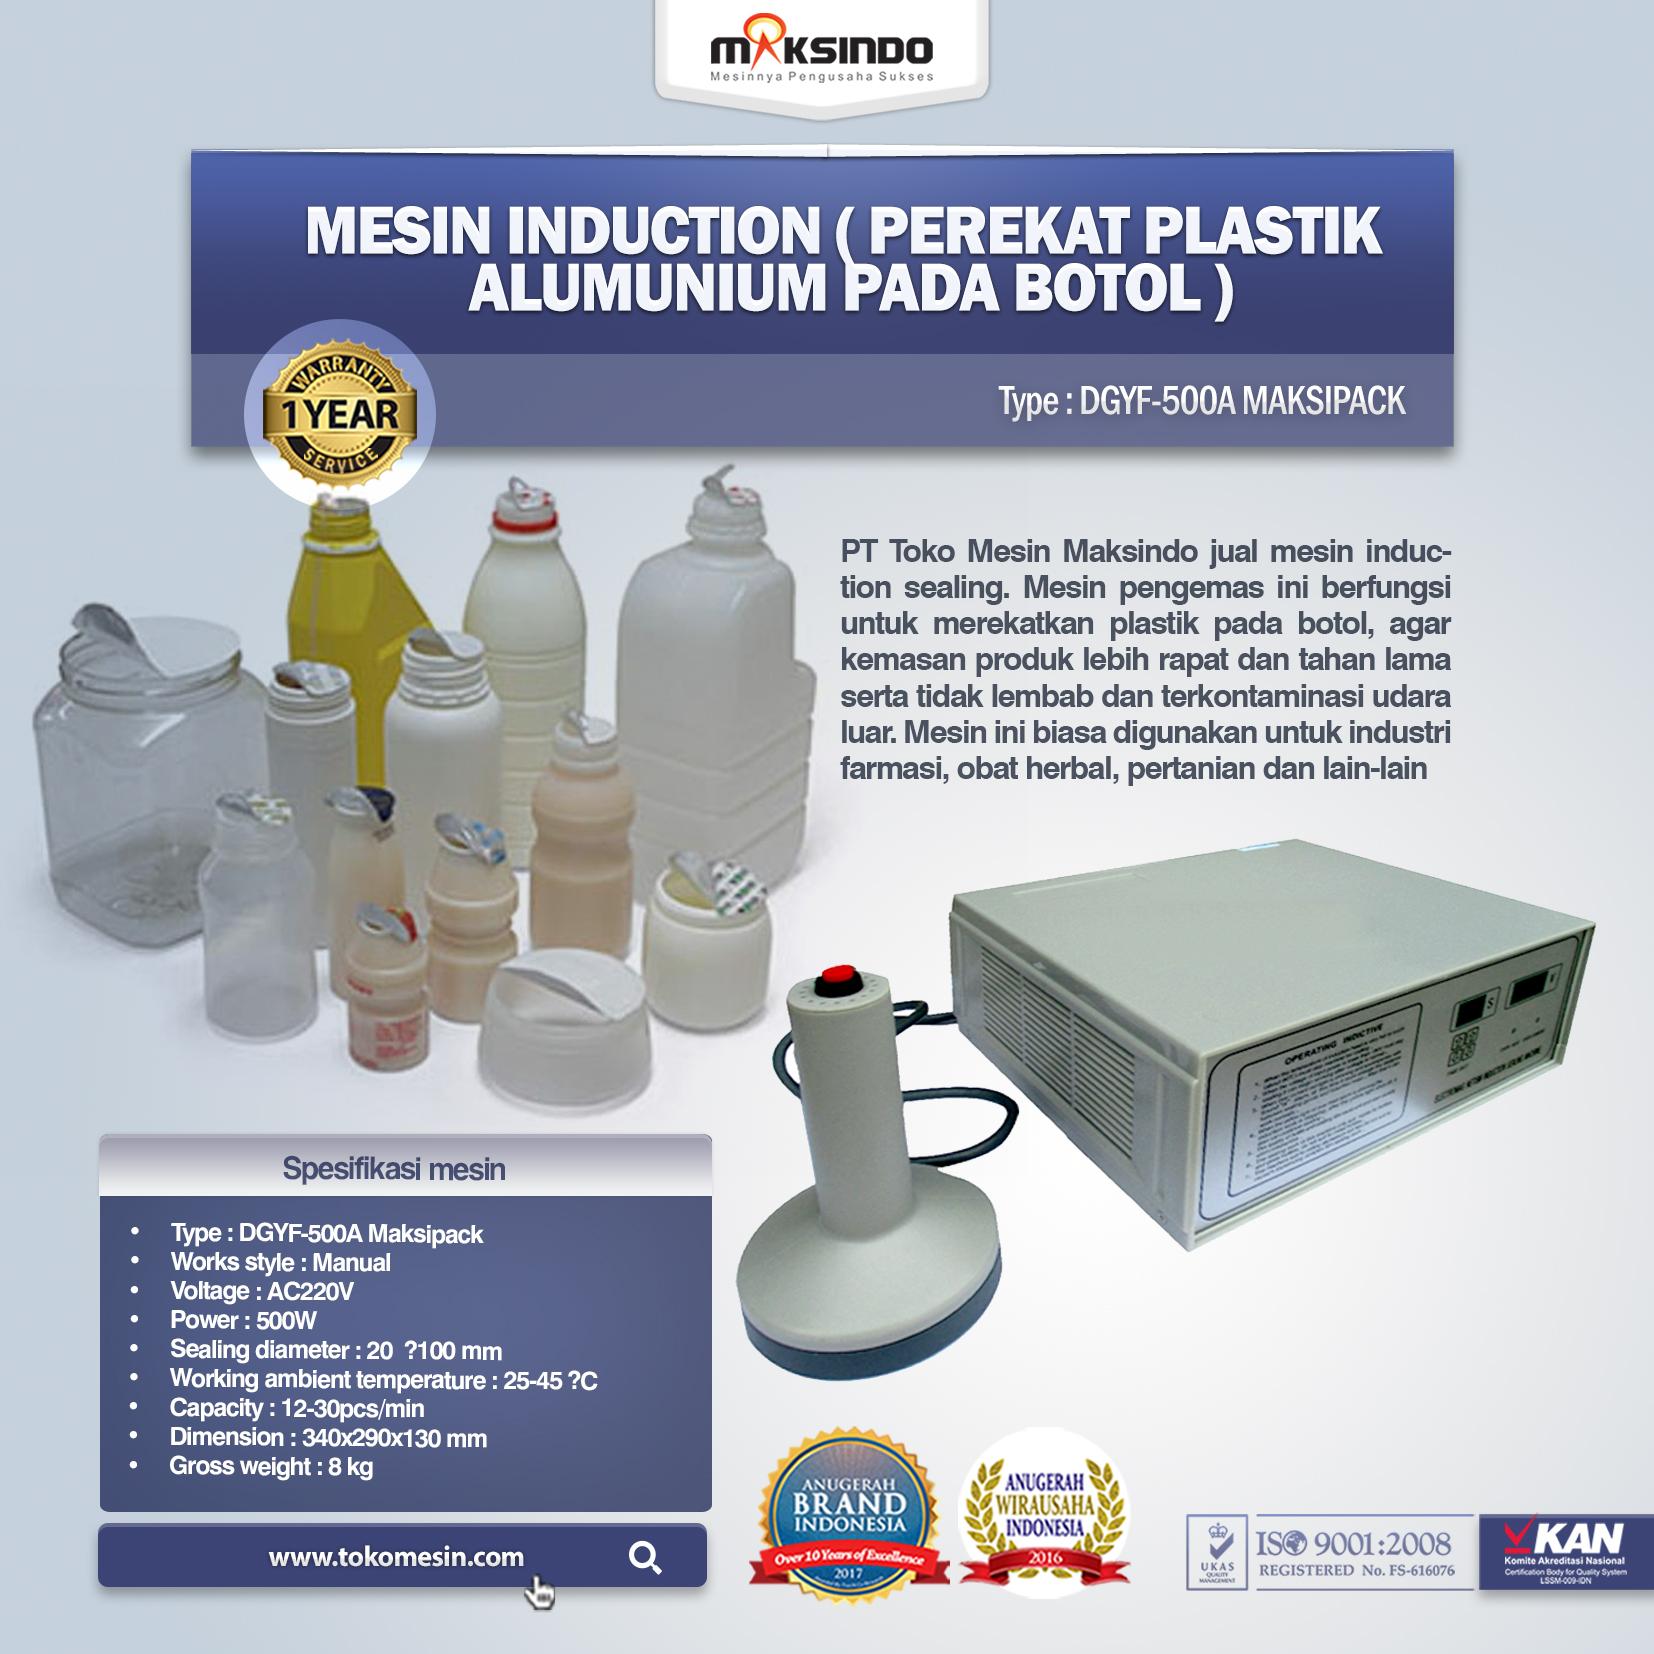 Mesin Induction (Perekat Plastik Alumunium Pada Botol) DGYF-500A Maksipack